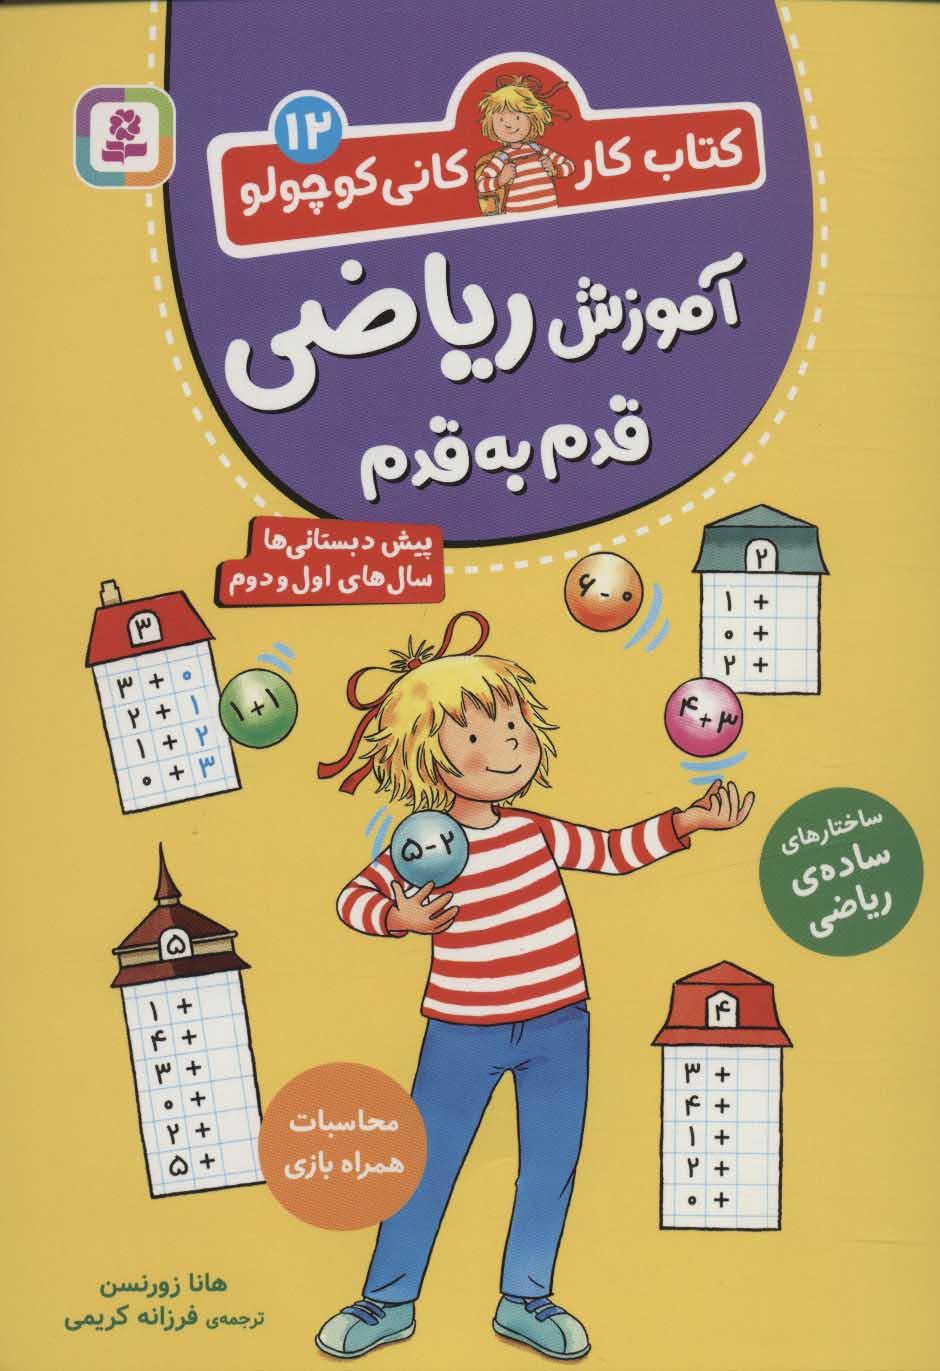 آموزش ریاضی قدم به قدم (کتاب کار کانی کوچولو12)